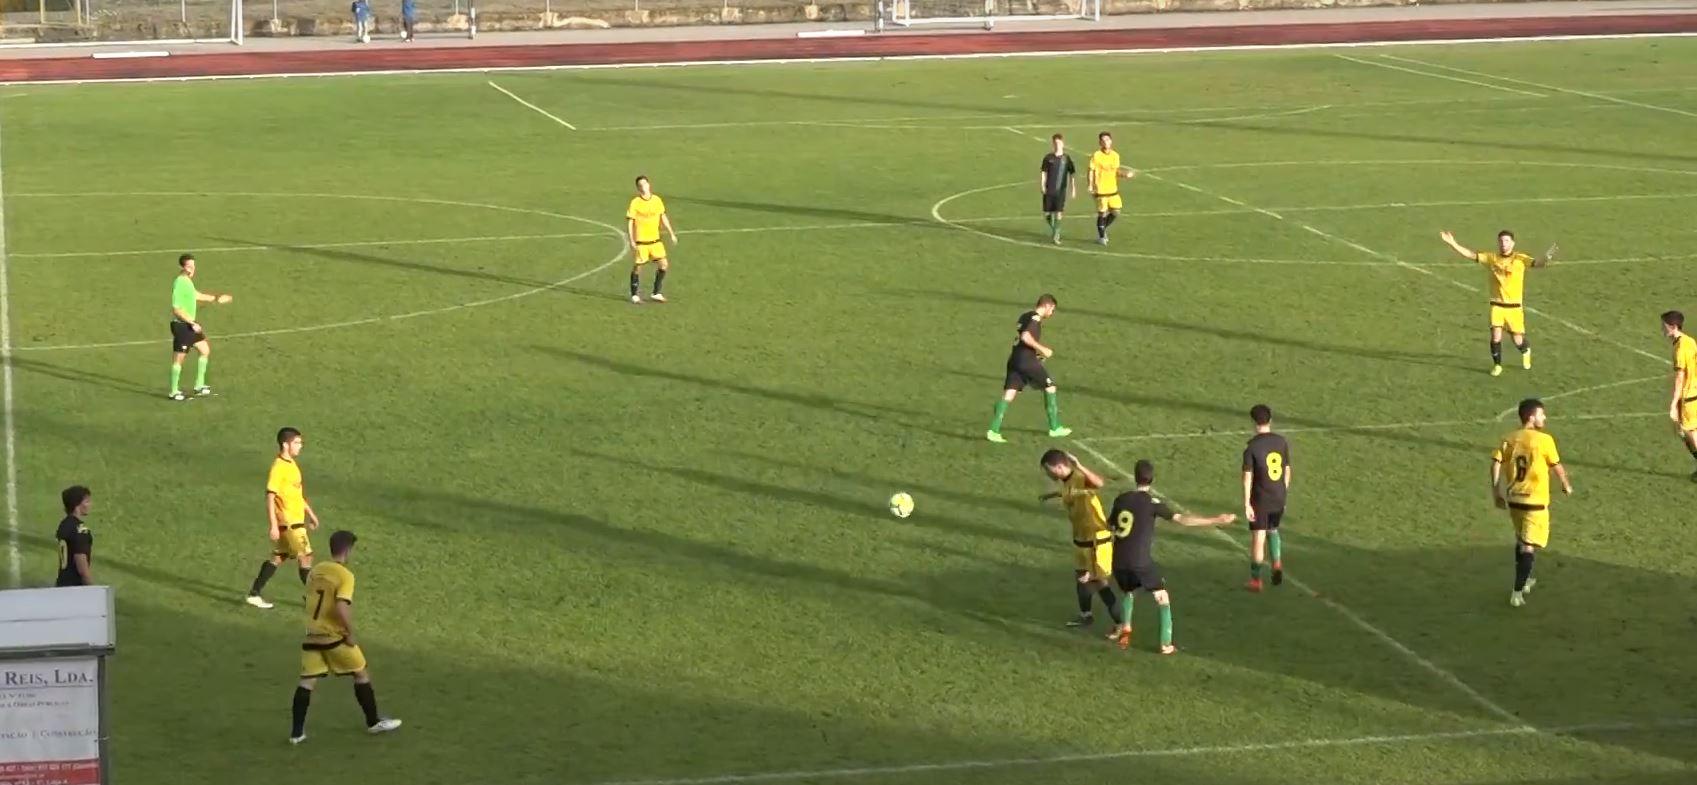 Juniores de Macedo conseguem pontuar pela primeira vez neste campeonato